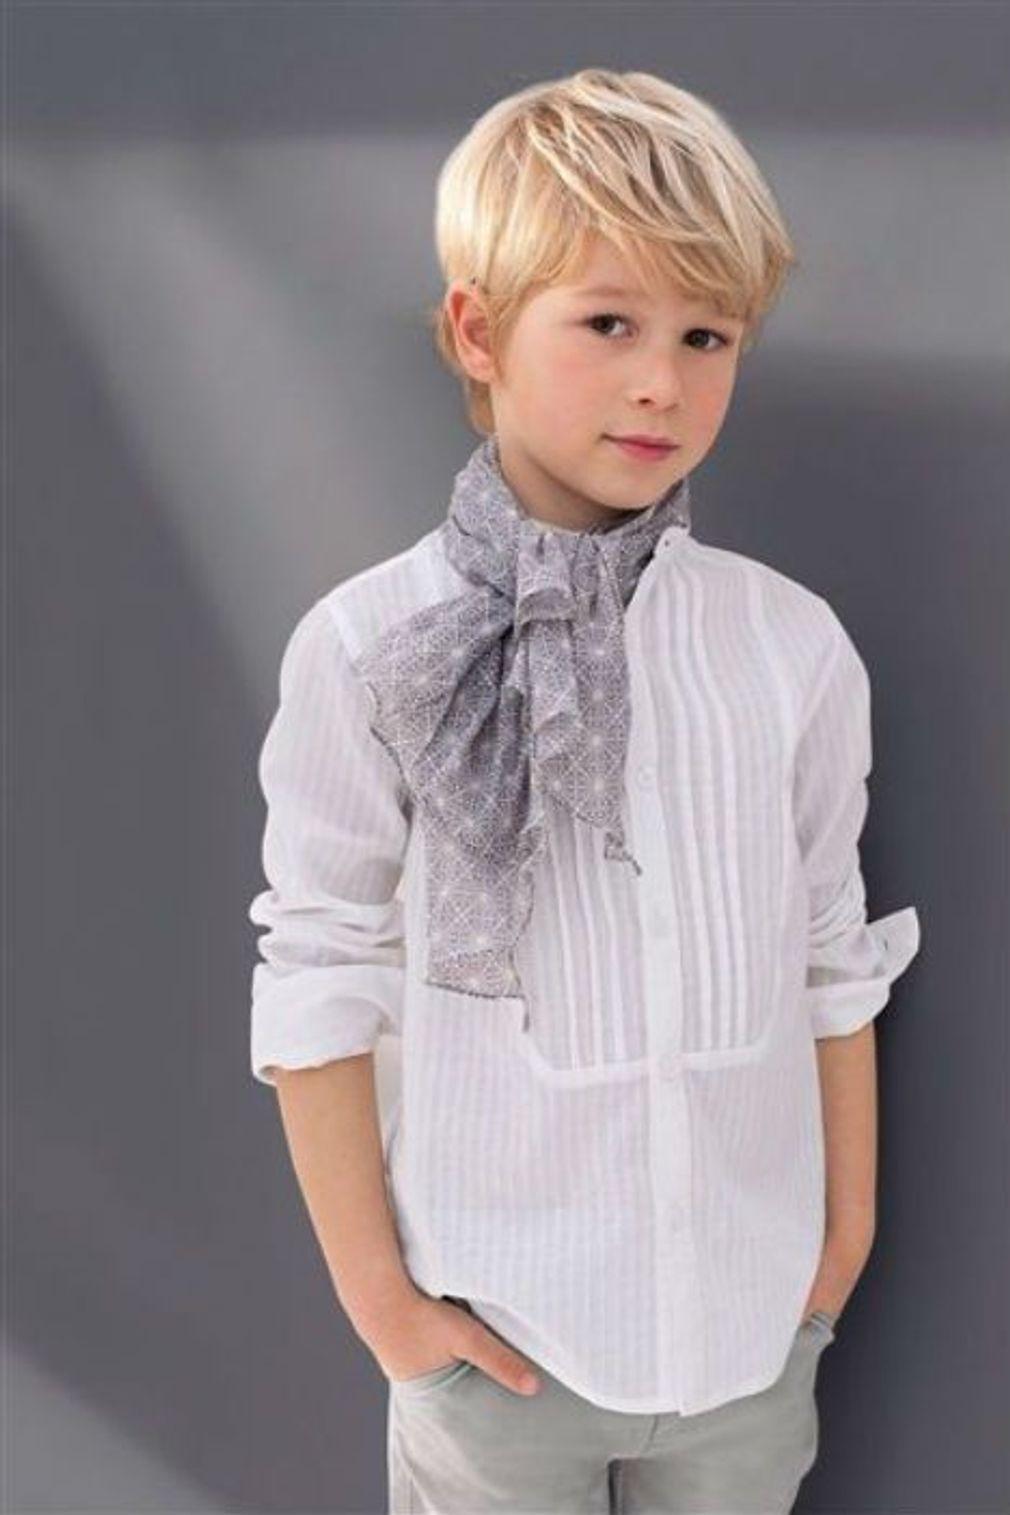 Coupe garçon : coupe garçon modèle avec dégradé   Coupe de cheveux garcon, Coupe cheveux petit ...